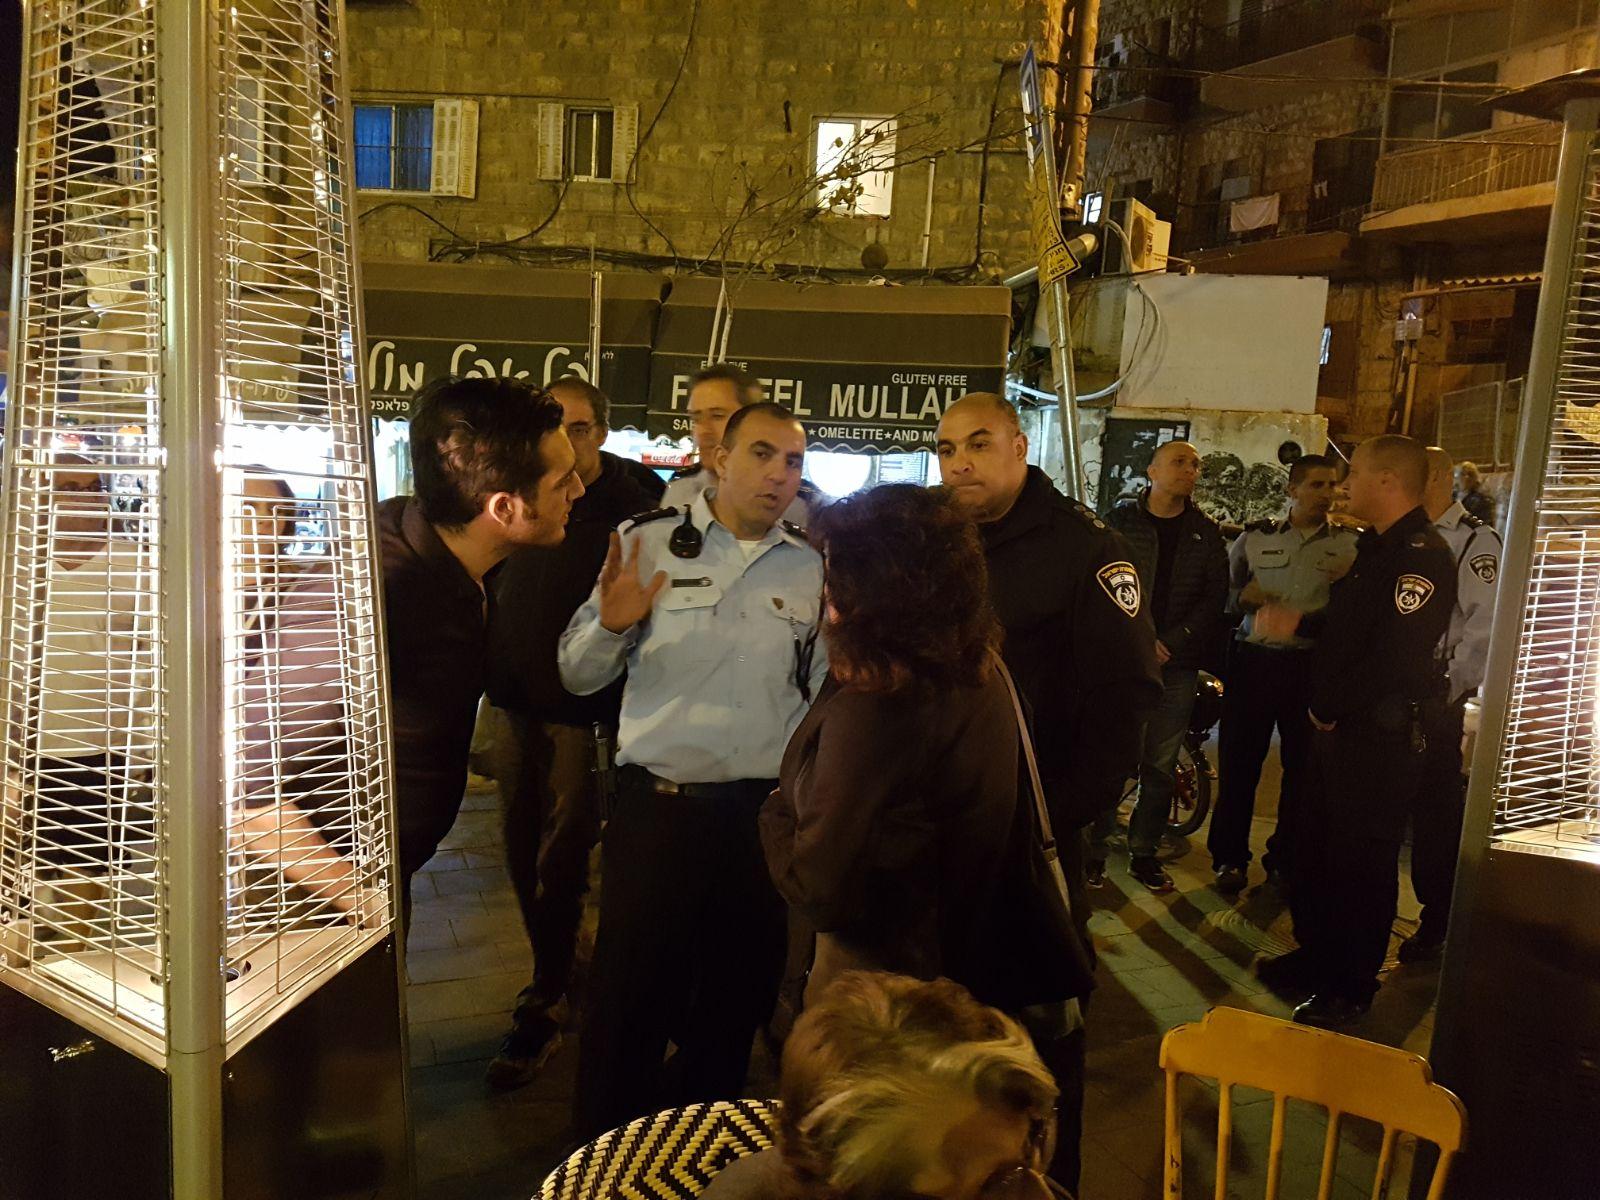 מחנה יהודה: העירייה והמשטרה סקרו מפגעים סביבתיים